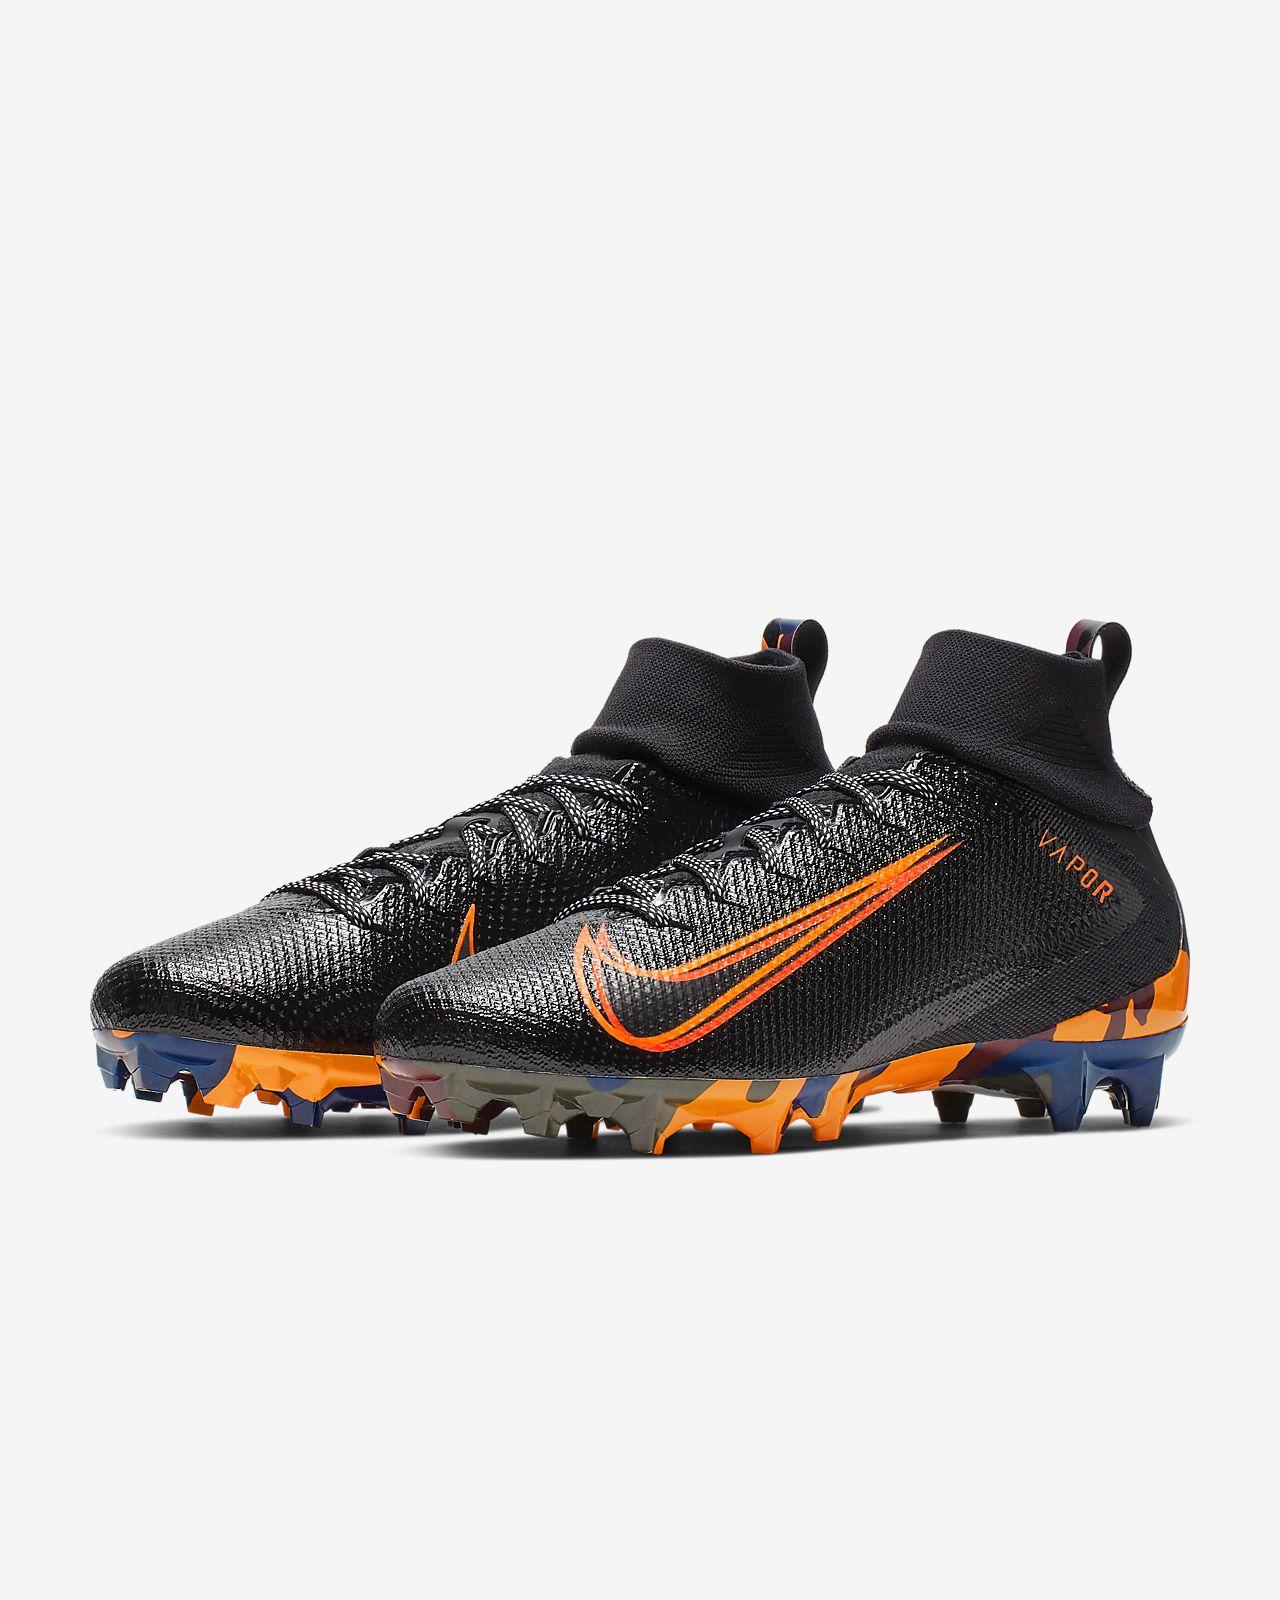 626a99df5 Nike Vapor Untouchable Pro 3 Men's Football Cleat. Nike.com